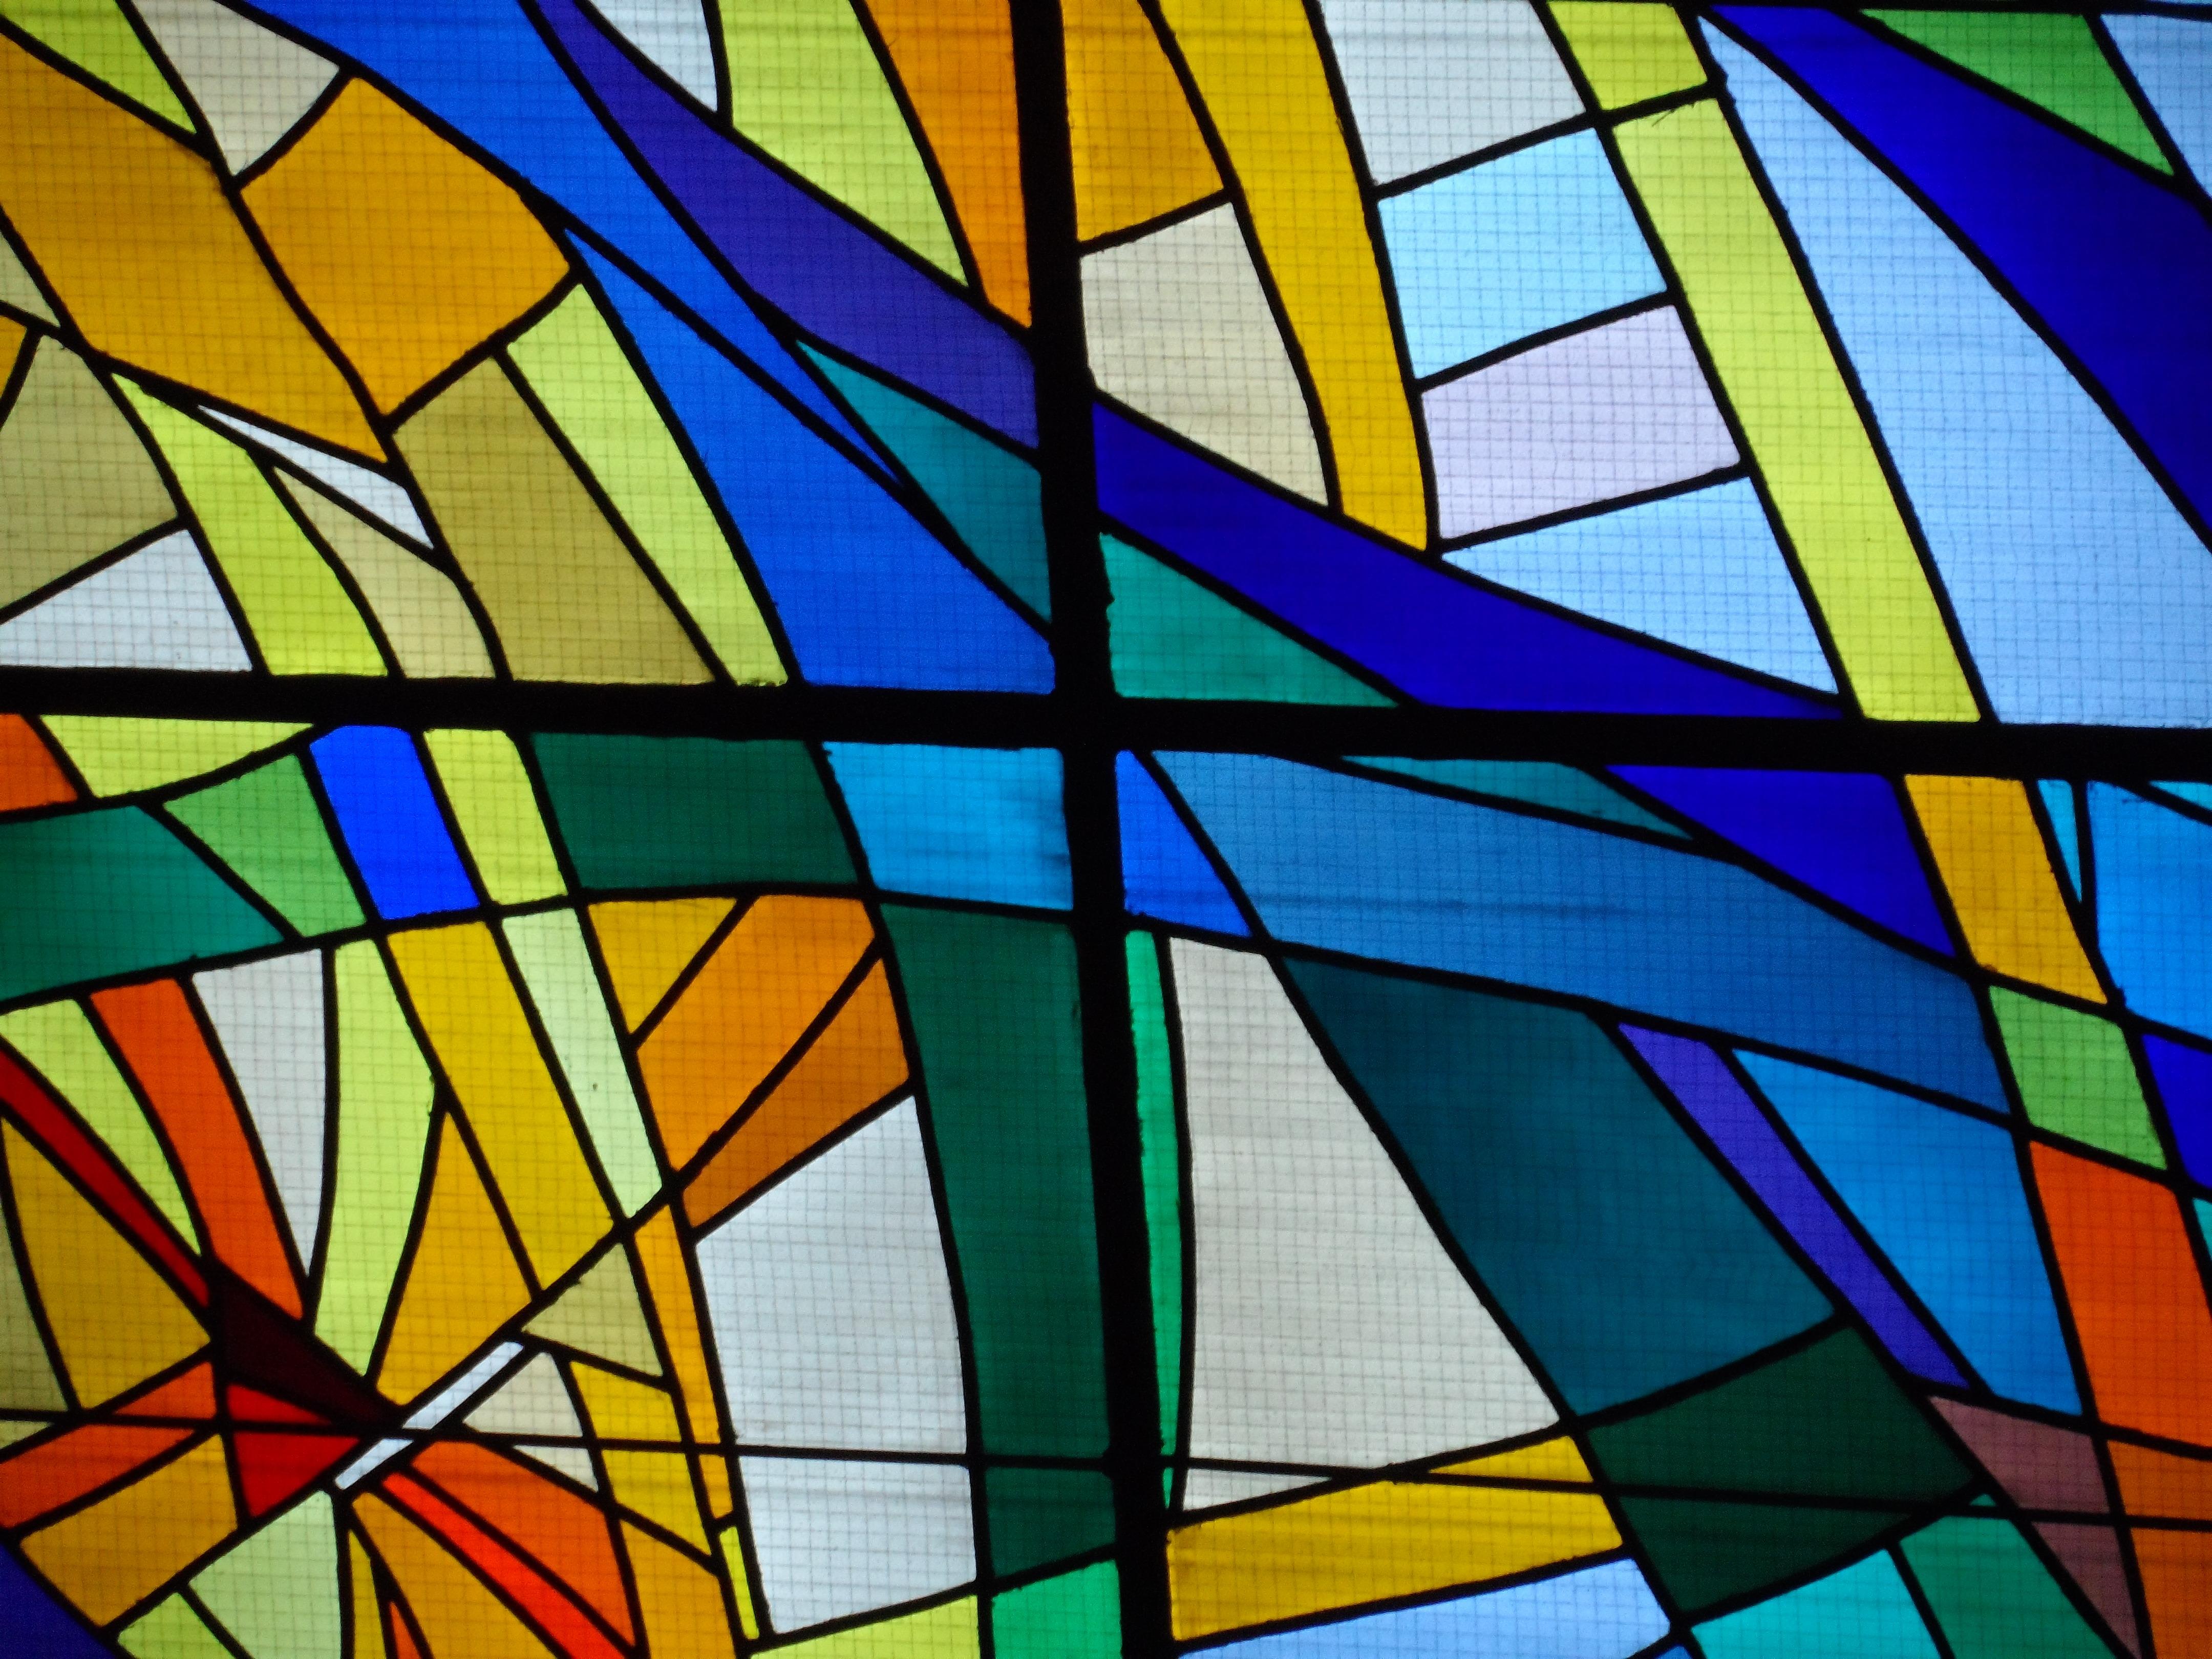 Картинки с абстракцией на стекле